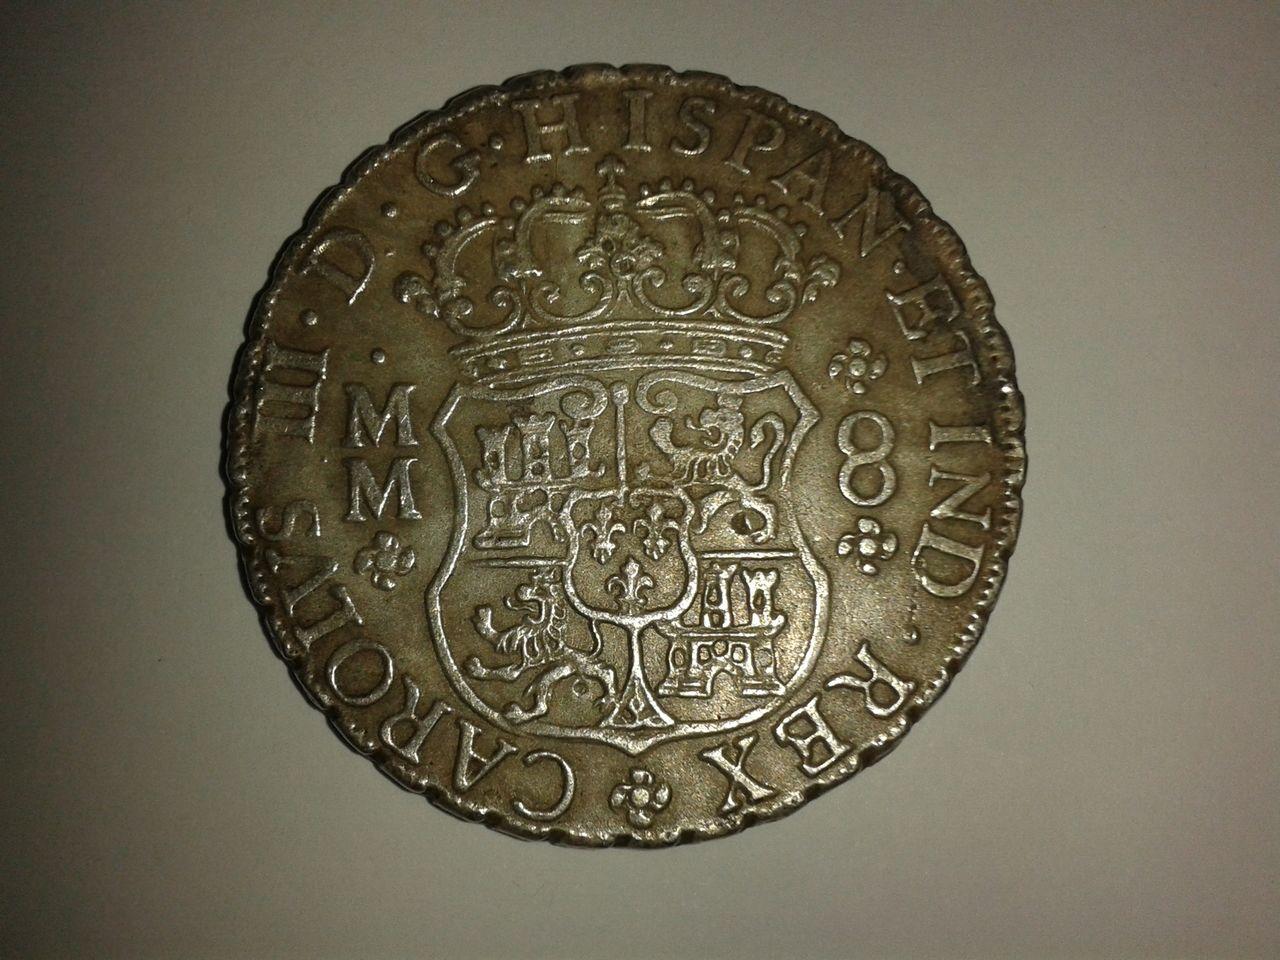 8 reales Columnario 1761... ¿falso? 20141011_010944